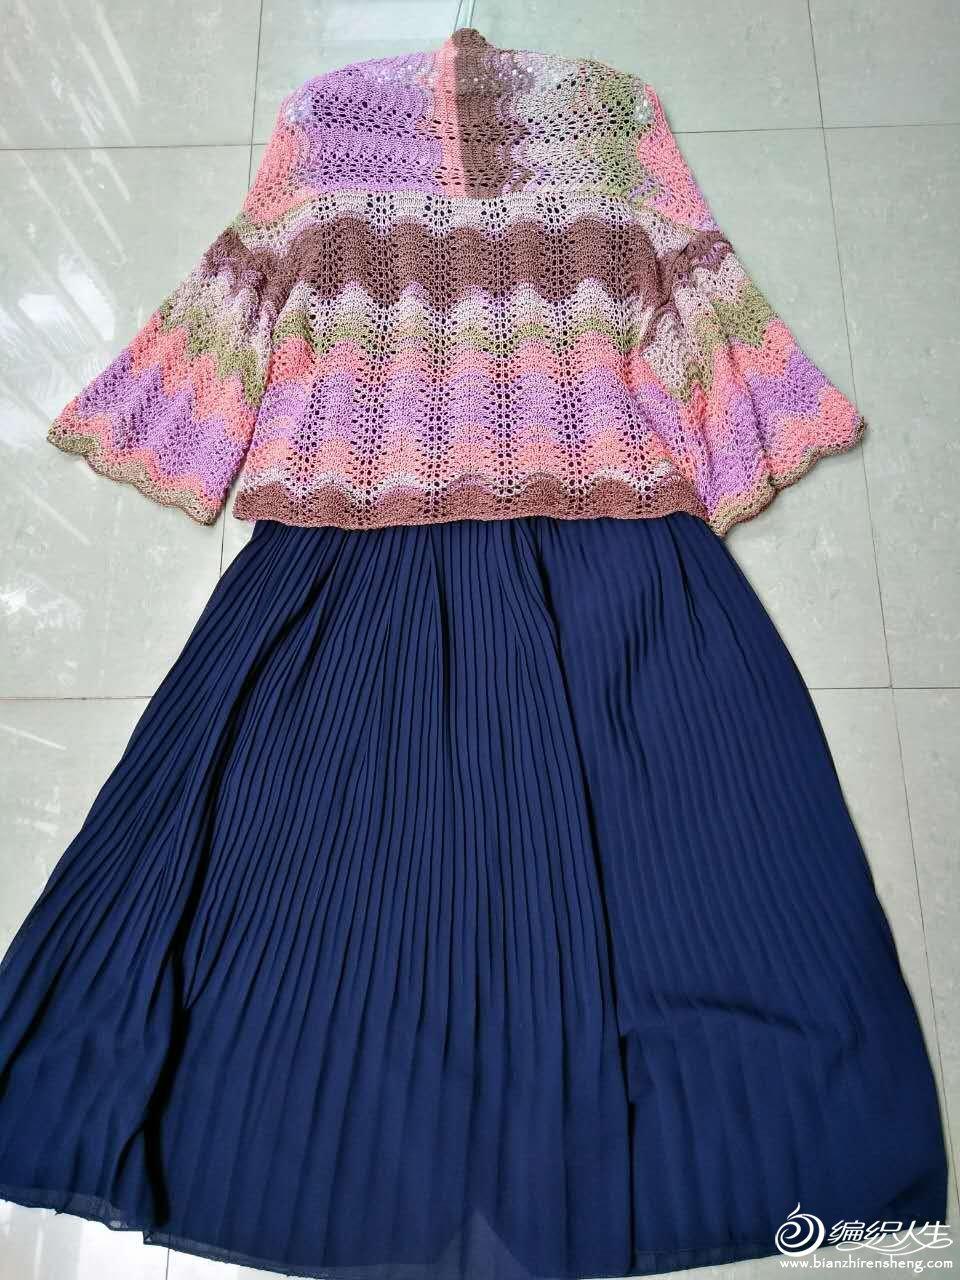 段染蕾丝女士棒针披肩式开衫-编织教程-编织人生